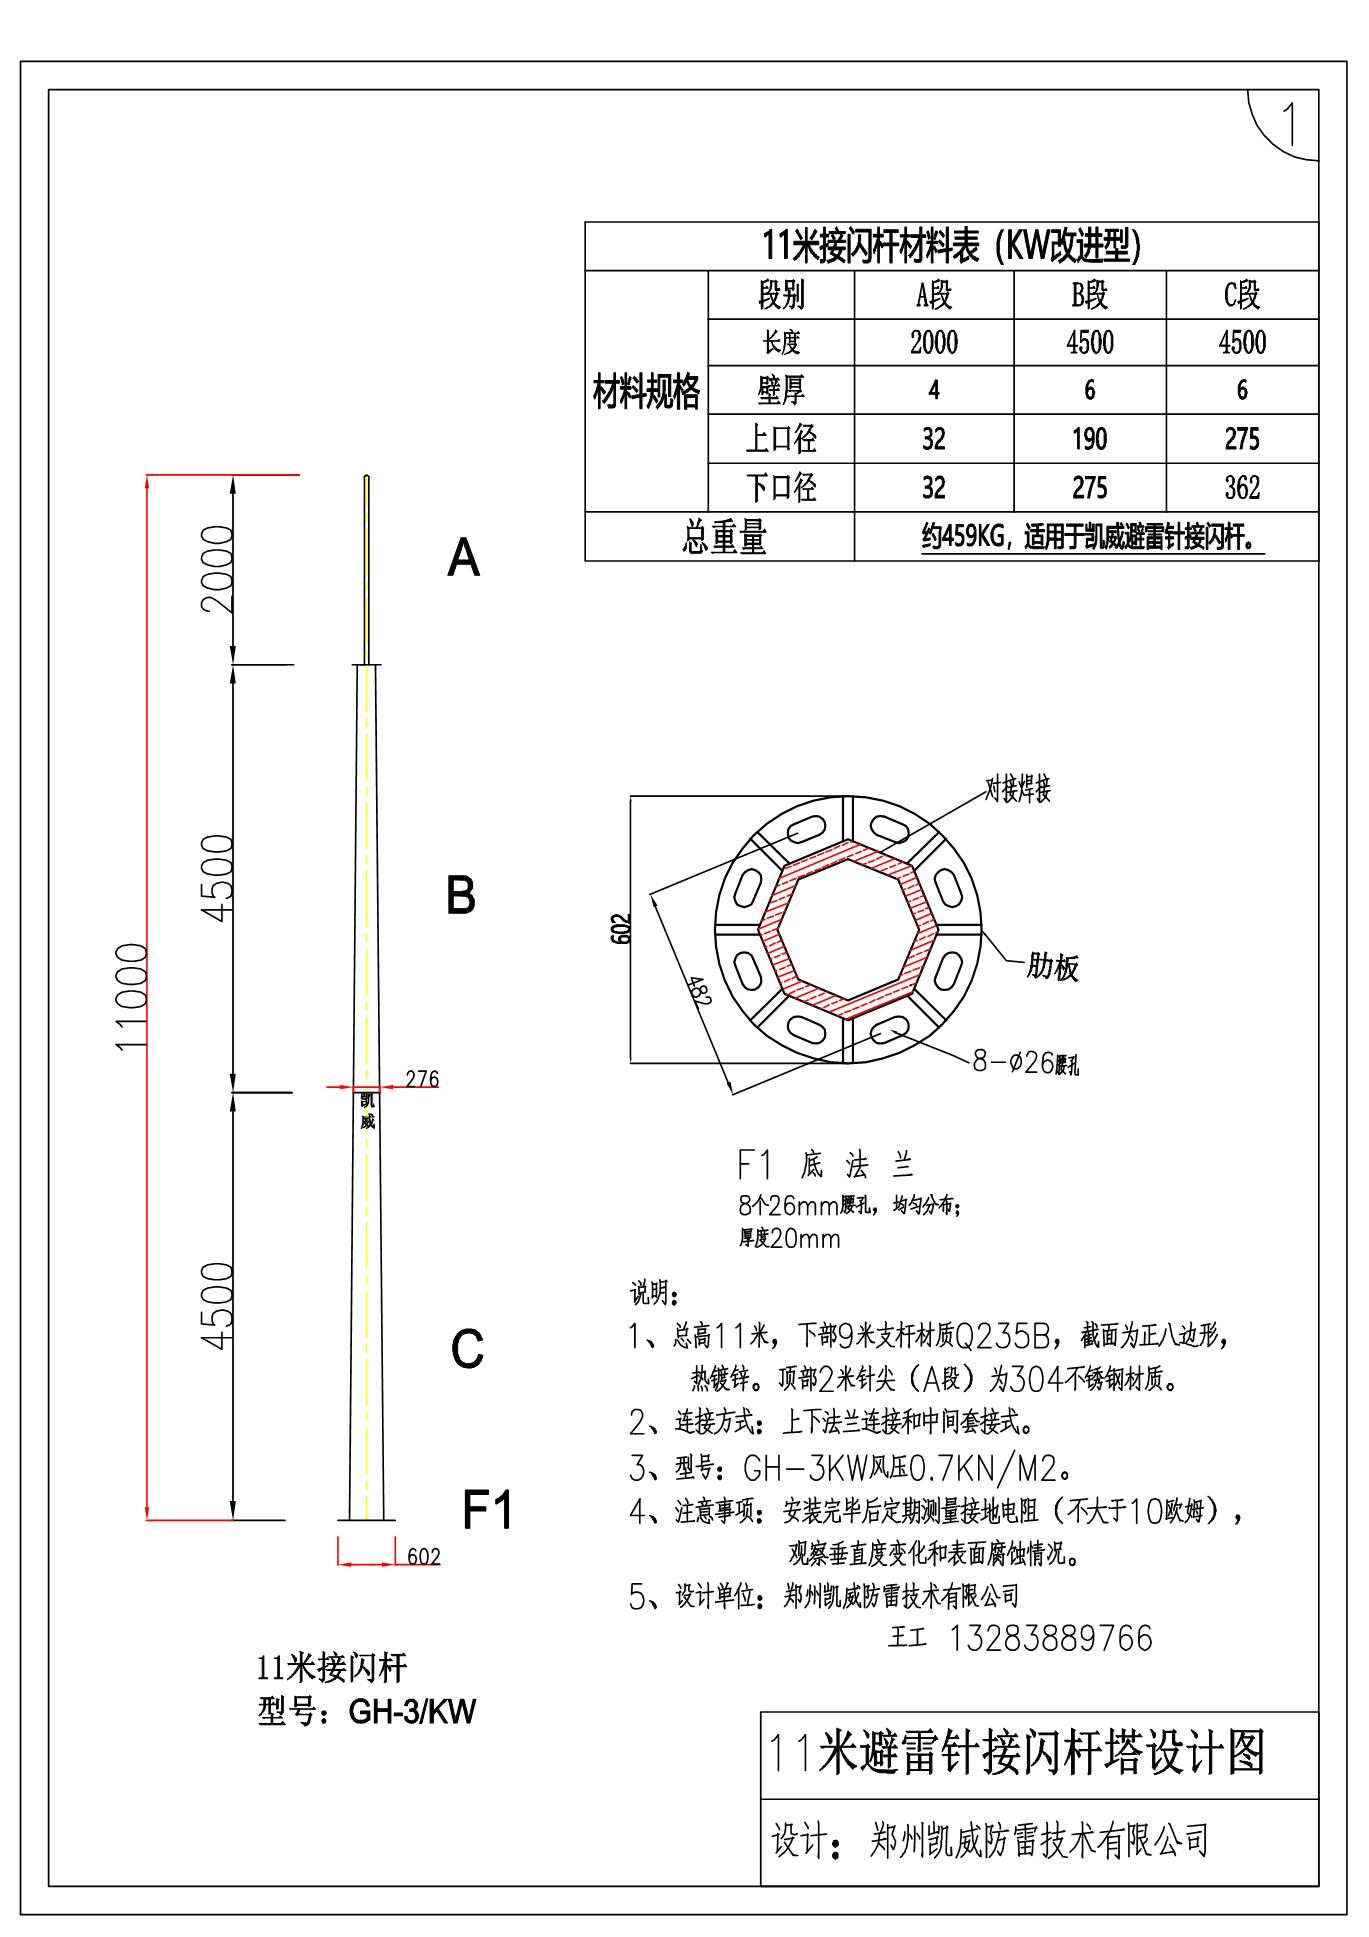 11米避雷针设计图1.jpg